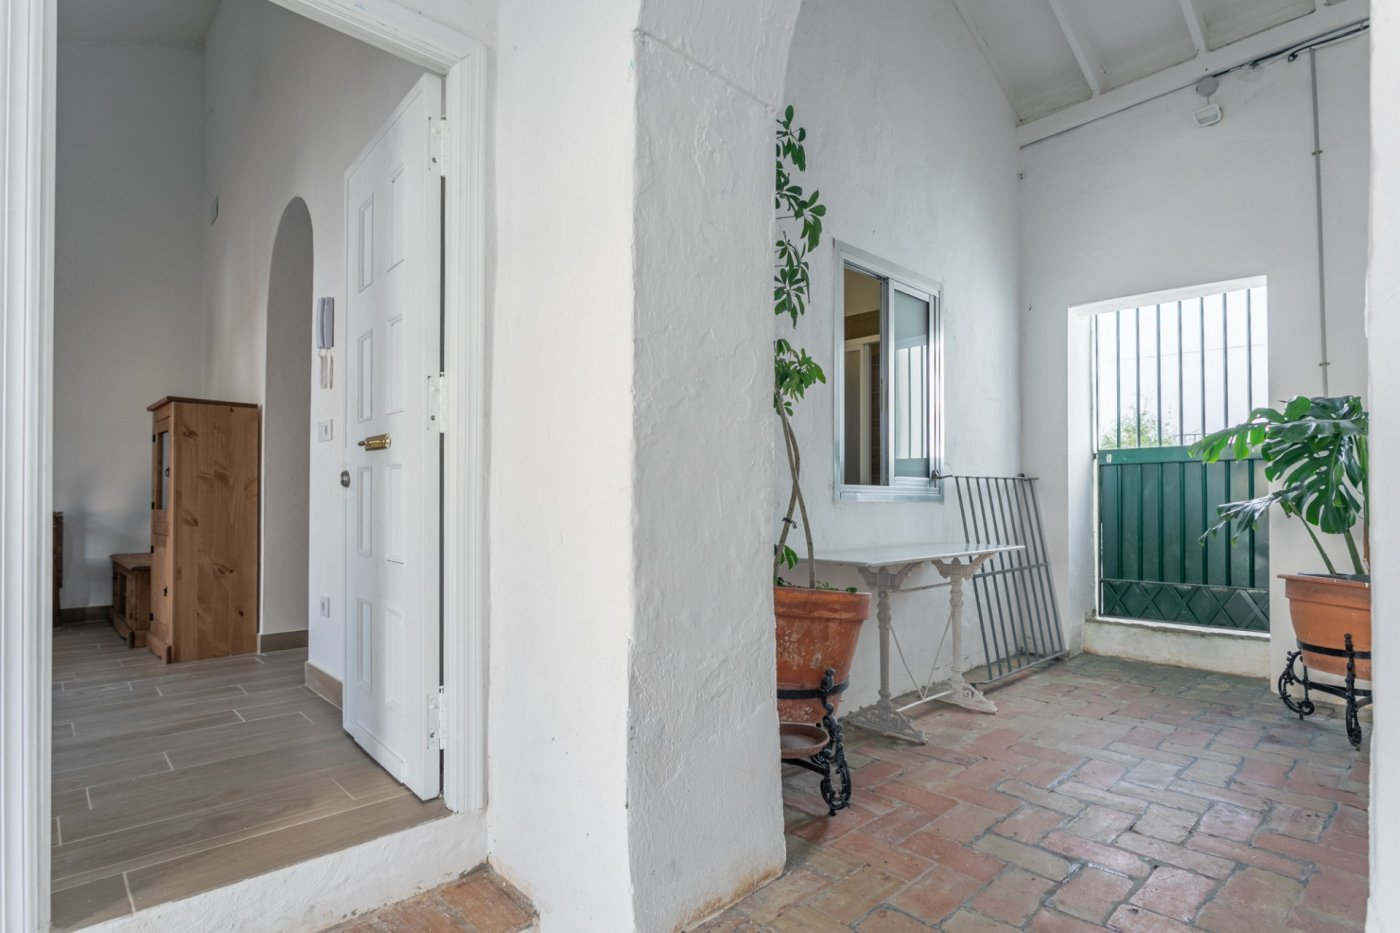 Casa · Alcala De Guadaira · Ambulatorio Viejo 400€ MES€